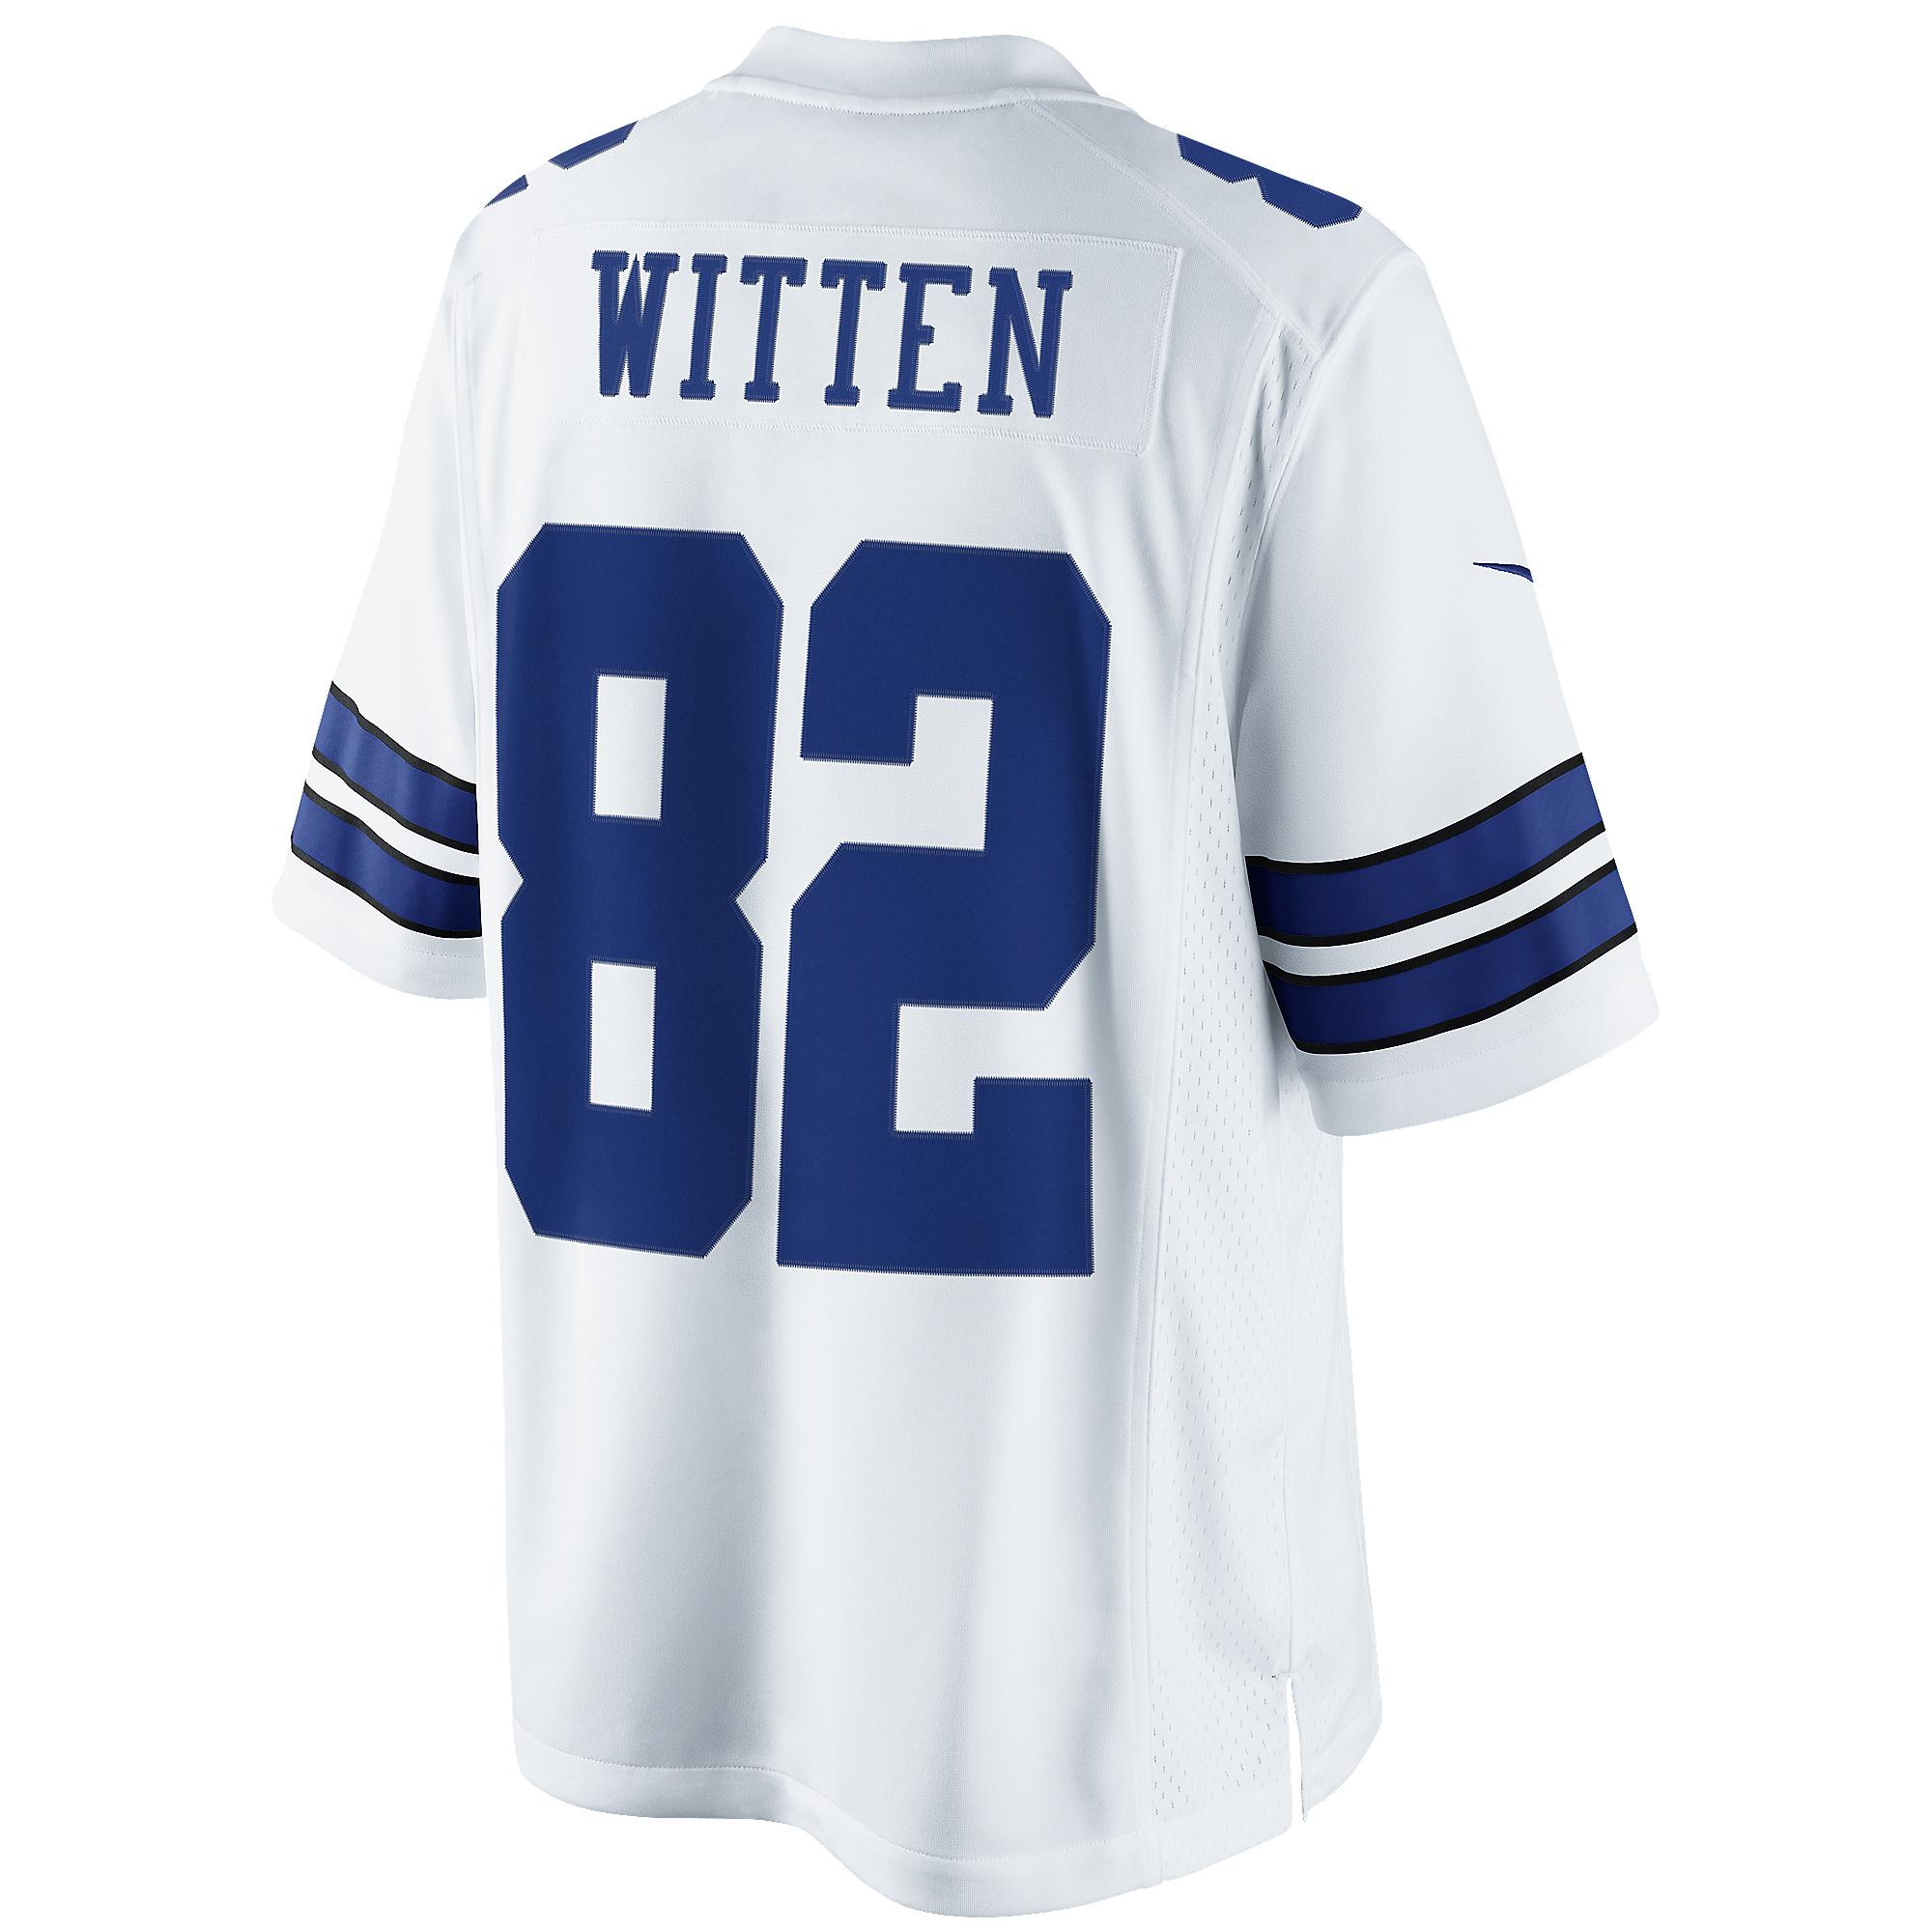 3e379a474a0 ... Dallas Cowboys Jason Witten #82 Nike White Limited Jersey 3XL-4XL ...